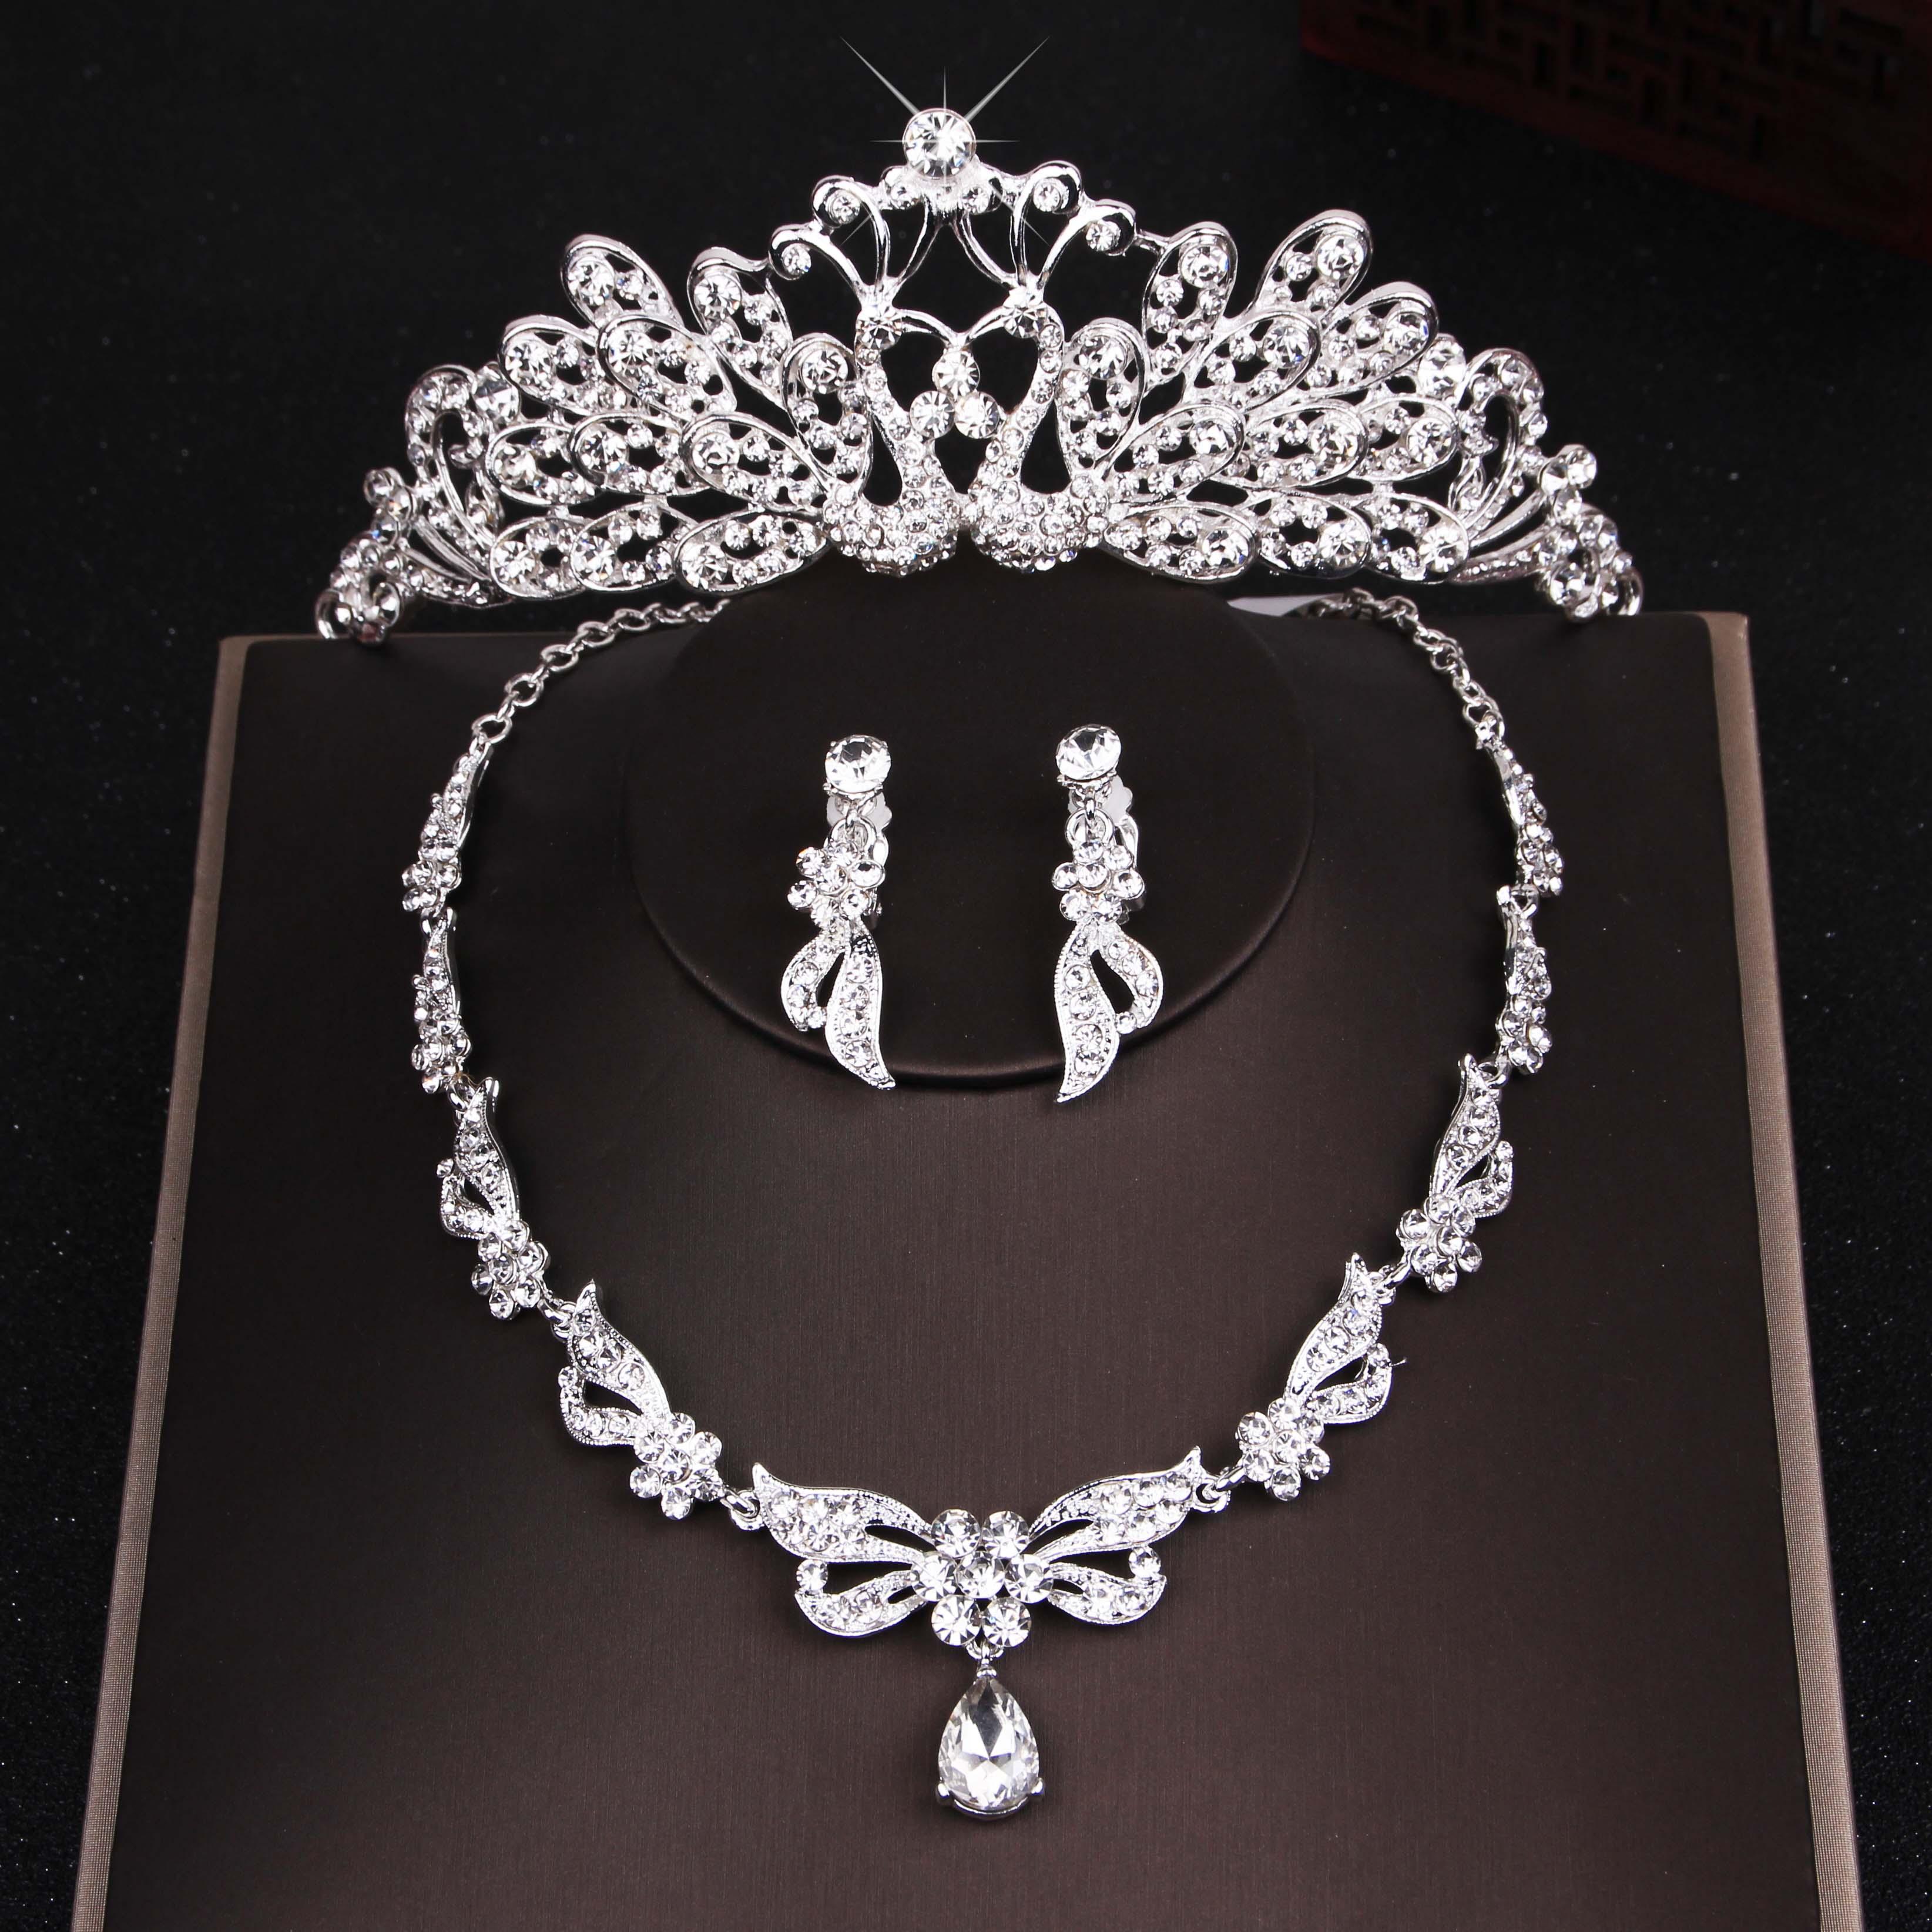 新娘皇冠头饰三件套装韩式婚纱配饰发饰结婚首饰项链婚庆饰品包邮